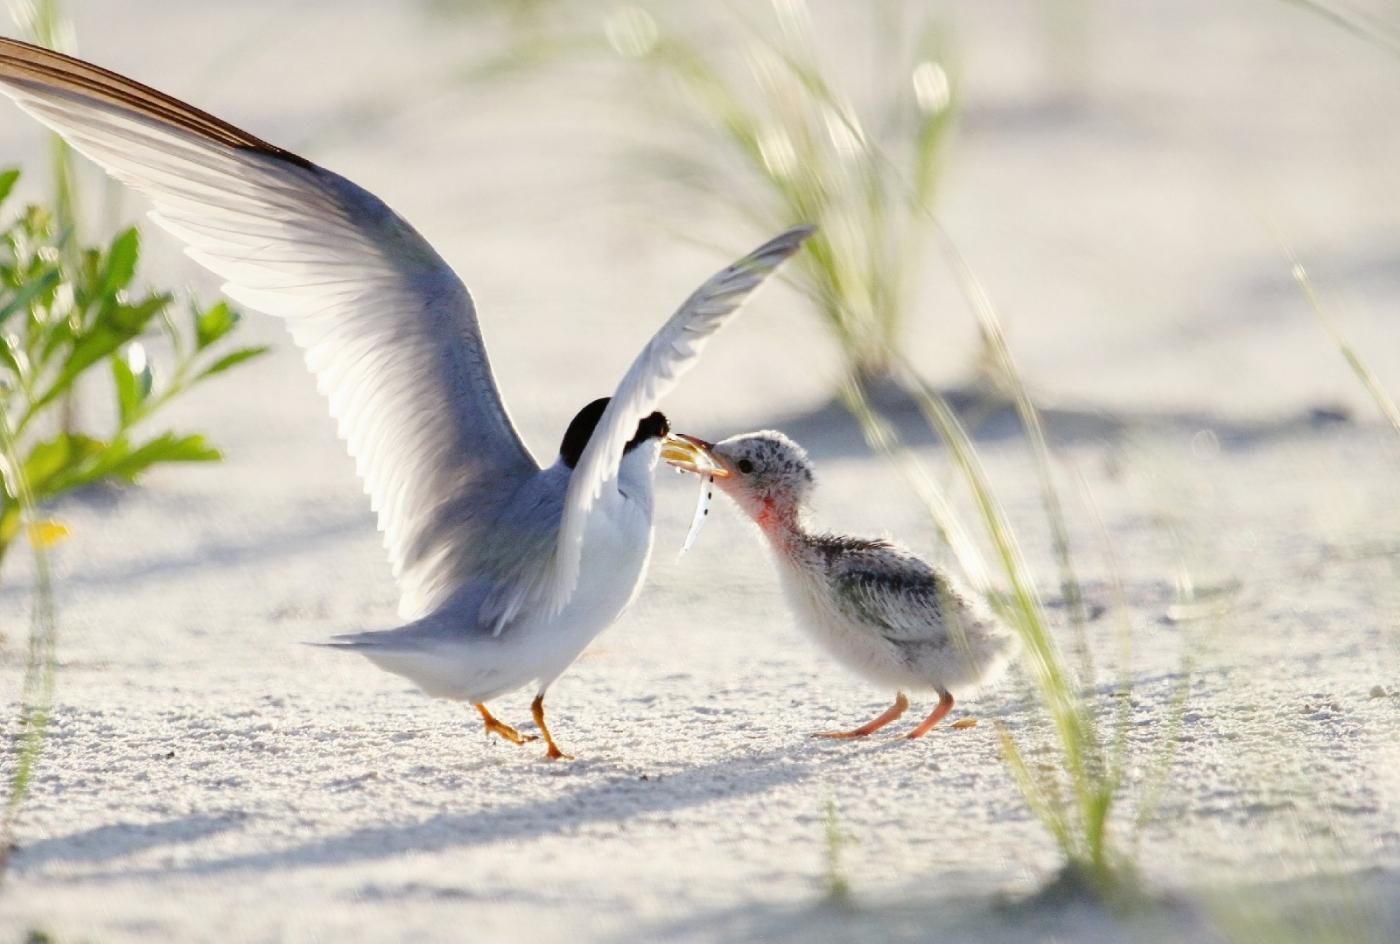 【田螺摄影】黄嘴燕鸥整个出生成长的过程_图1-8